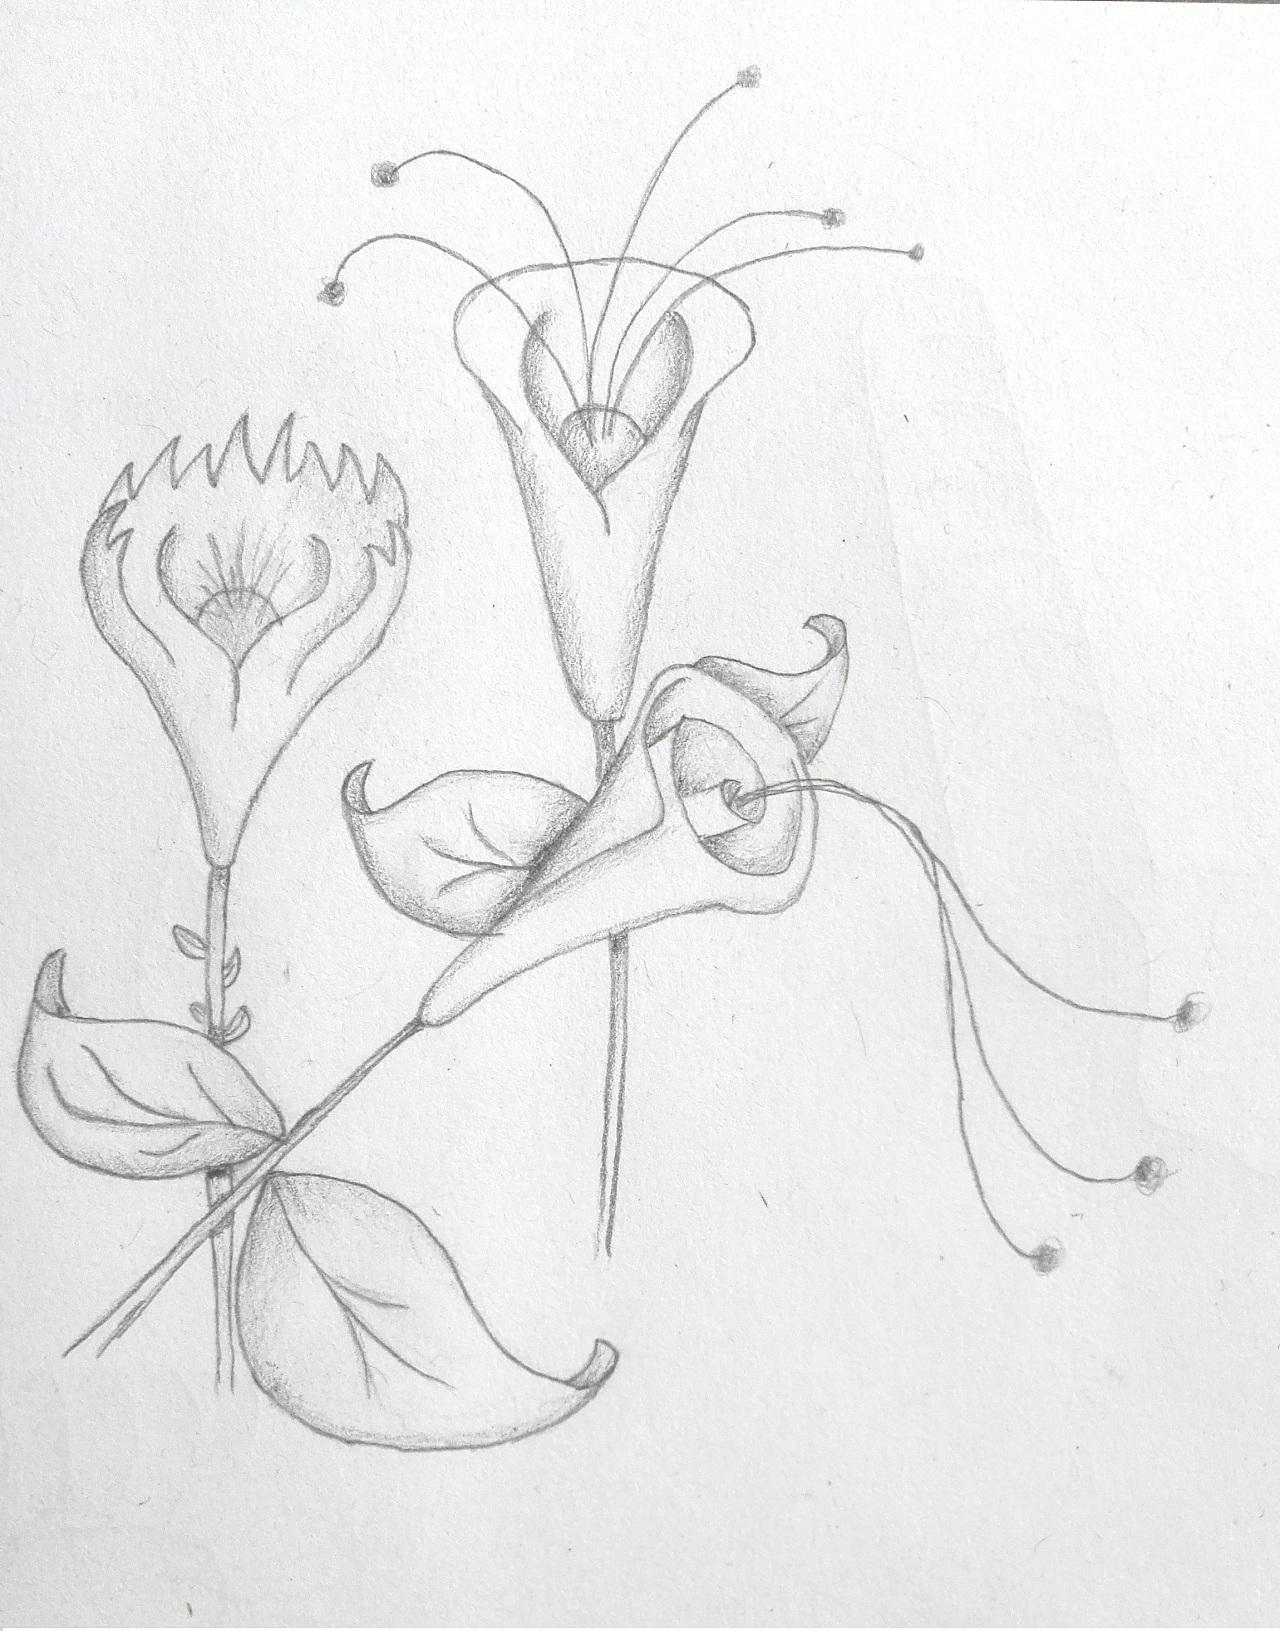 手绘作品|插画|插画习作|我是奋斗的小鱼 - 原创作品